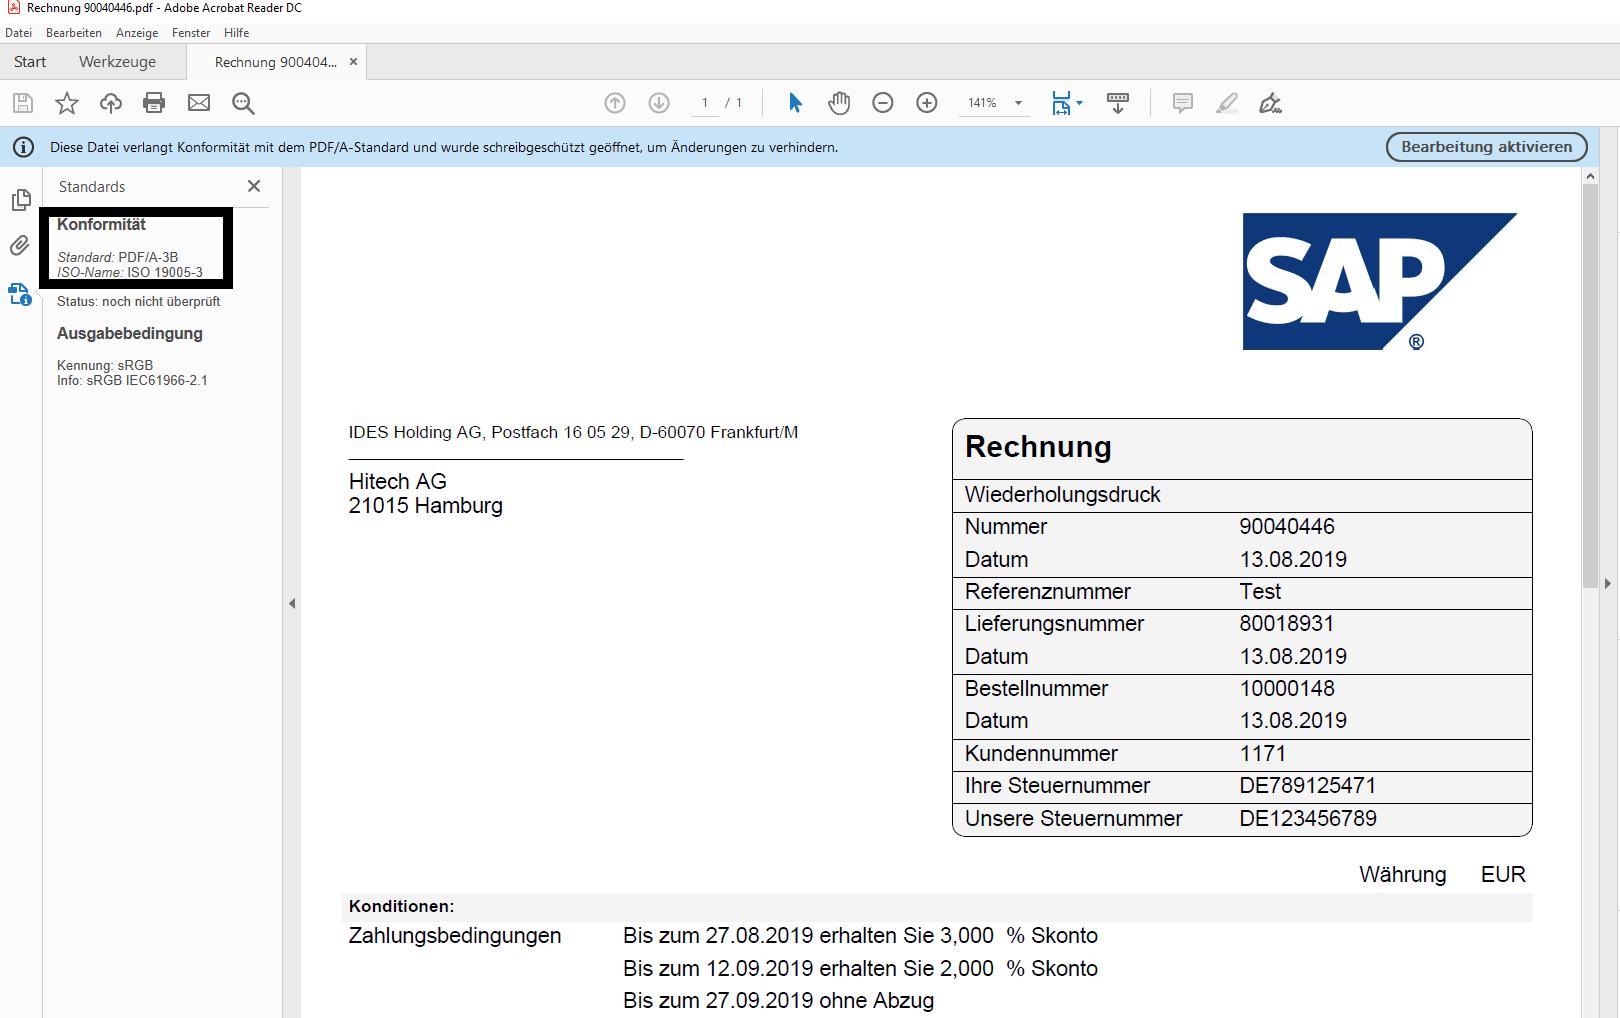 sap mail invoice pdf/a-3